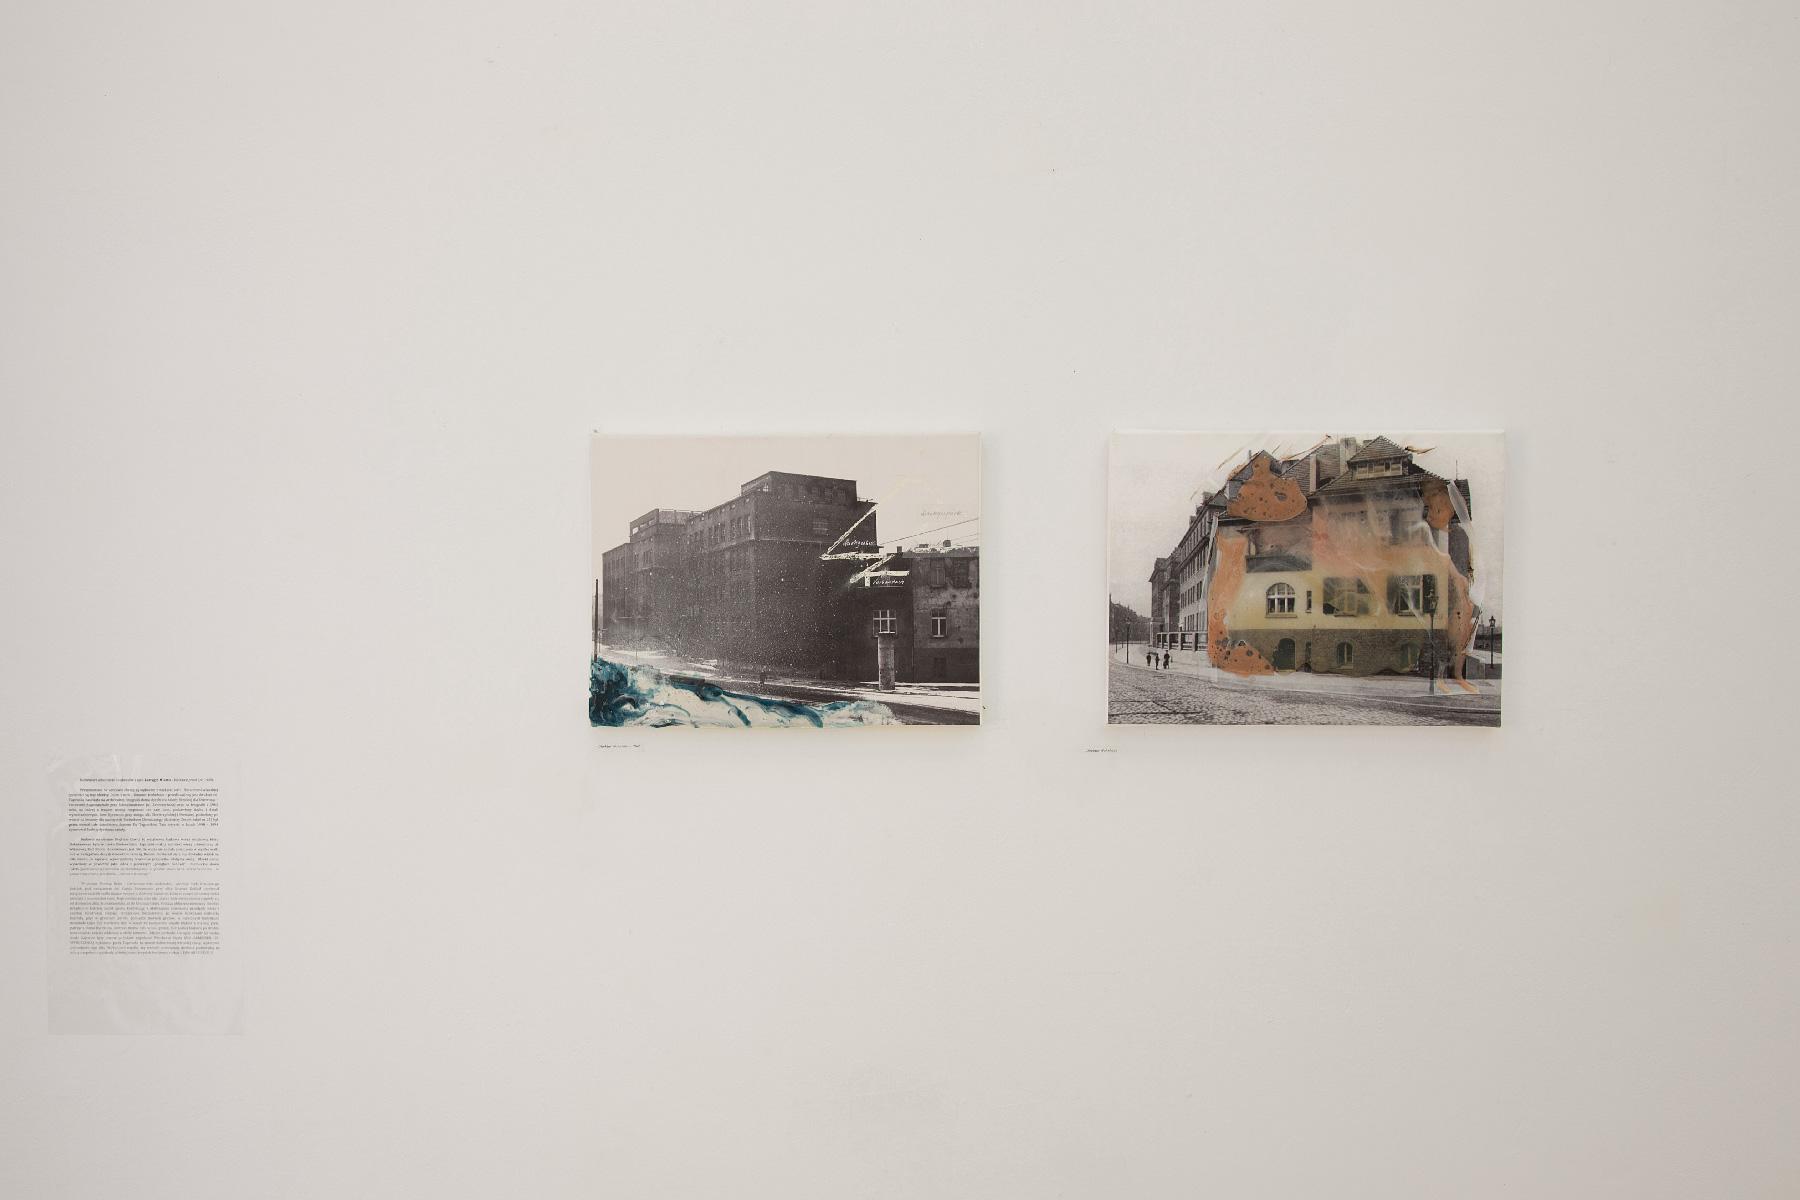 Direktor Wohnhaus 1962 iDirektor Wohnhaus, topiony wosk nafotografiii archiwalnej, fot.M.Bączyk